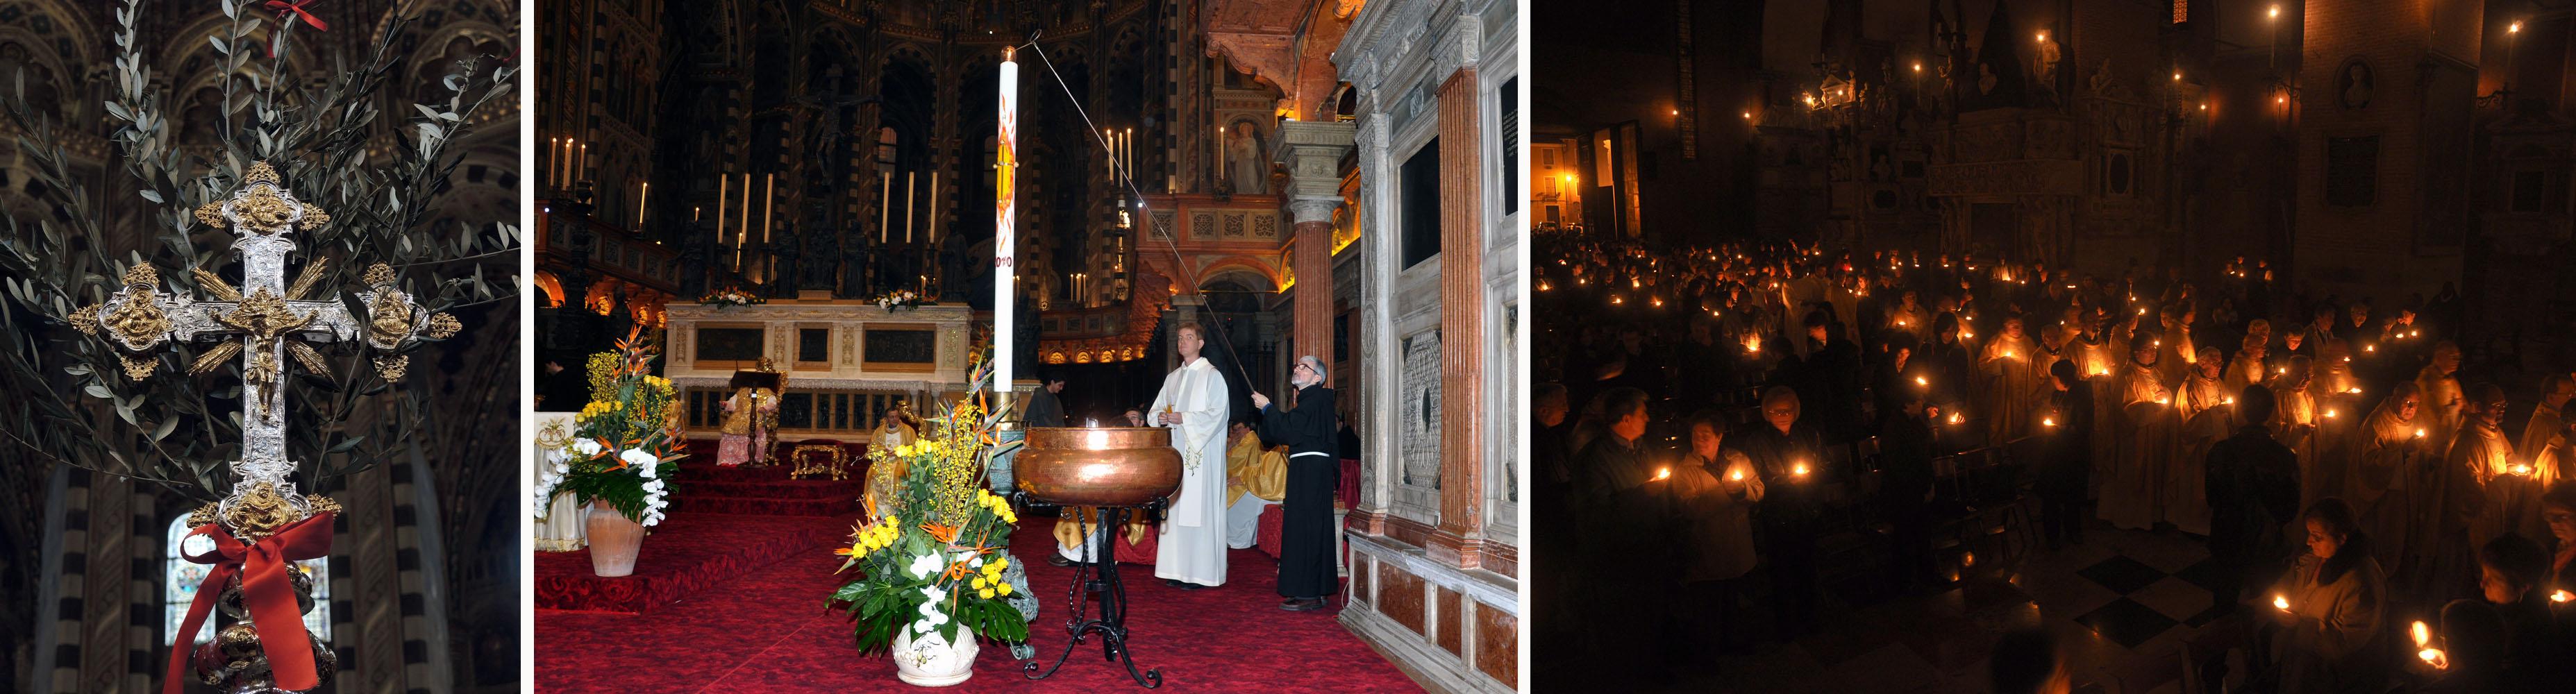 Settimana Santa nella Basilica di S. Antonio